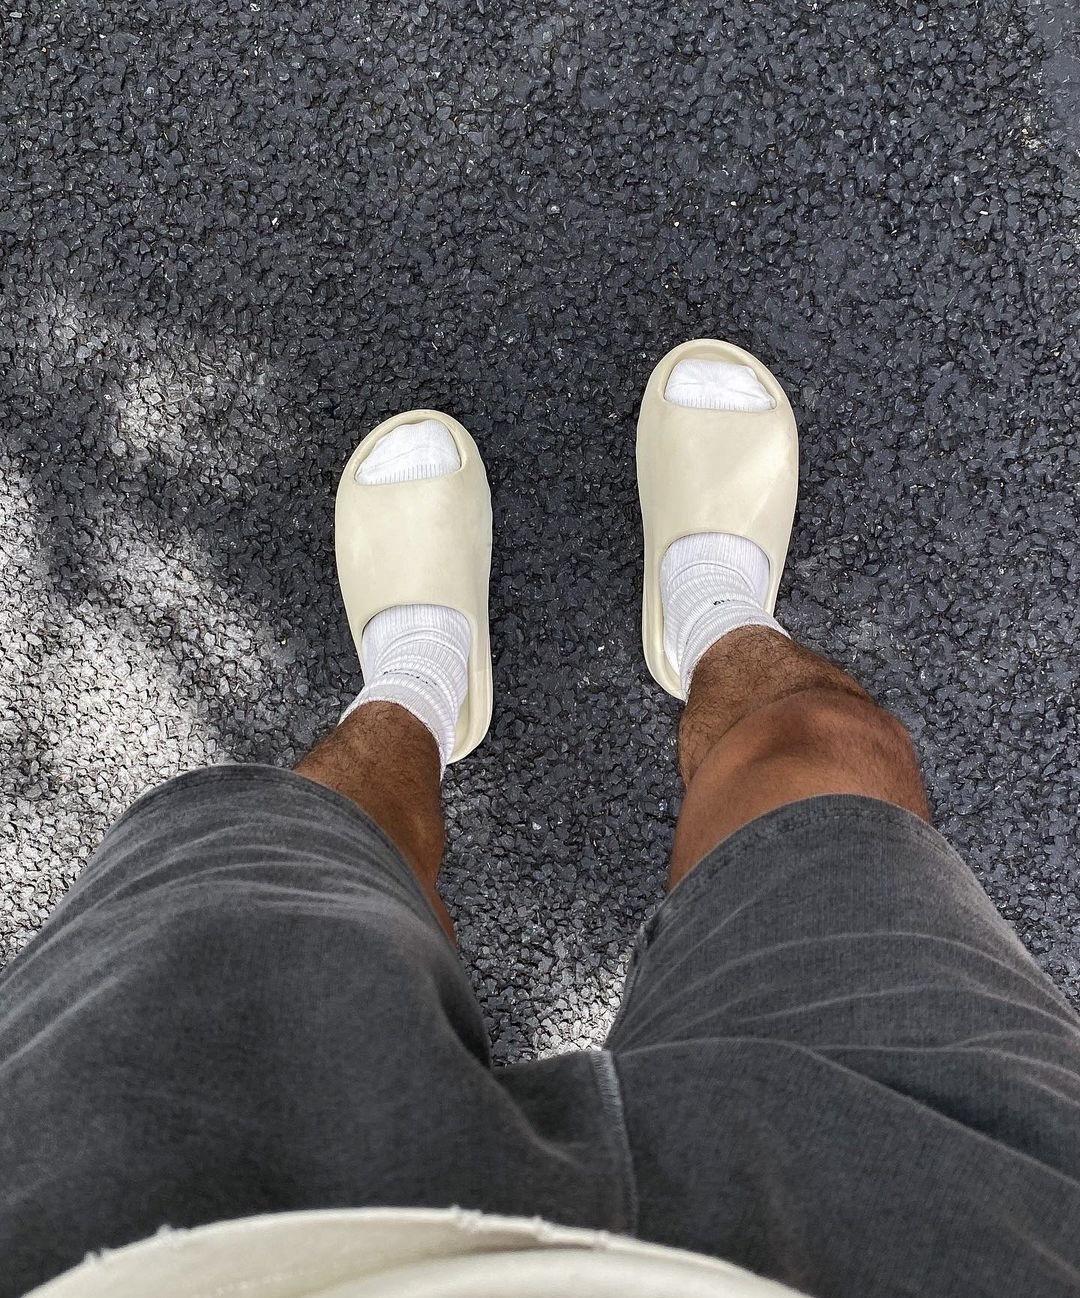 adidas Yeezy Slide 'Bone'